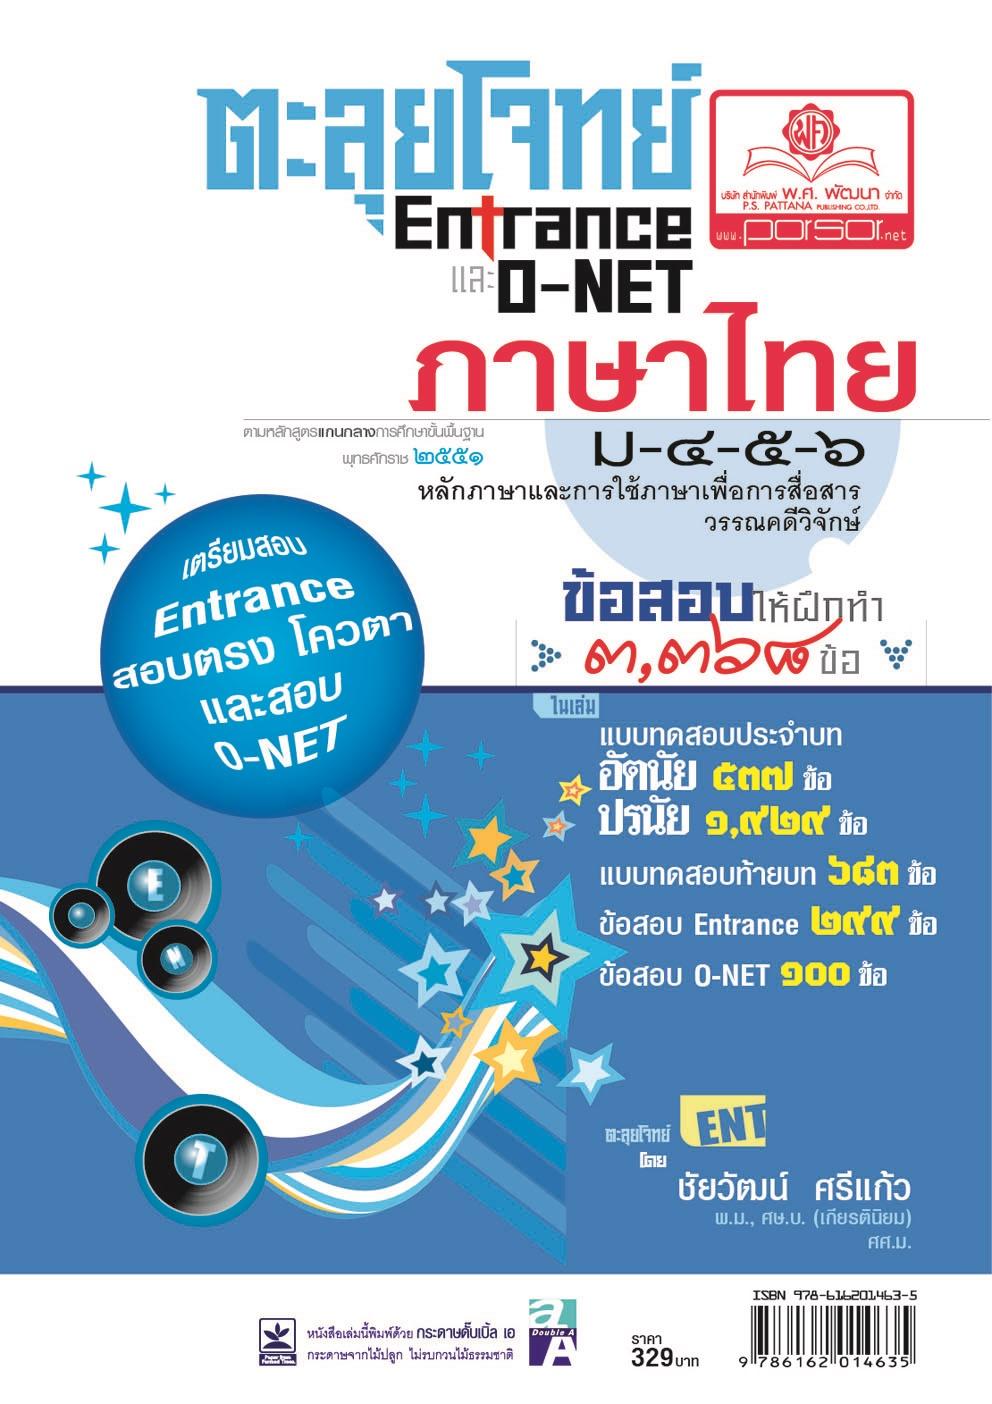 ตะลุยโจทย์ ภาษาไทย O-NET ม. 4 - 6